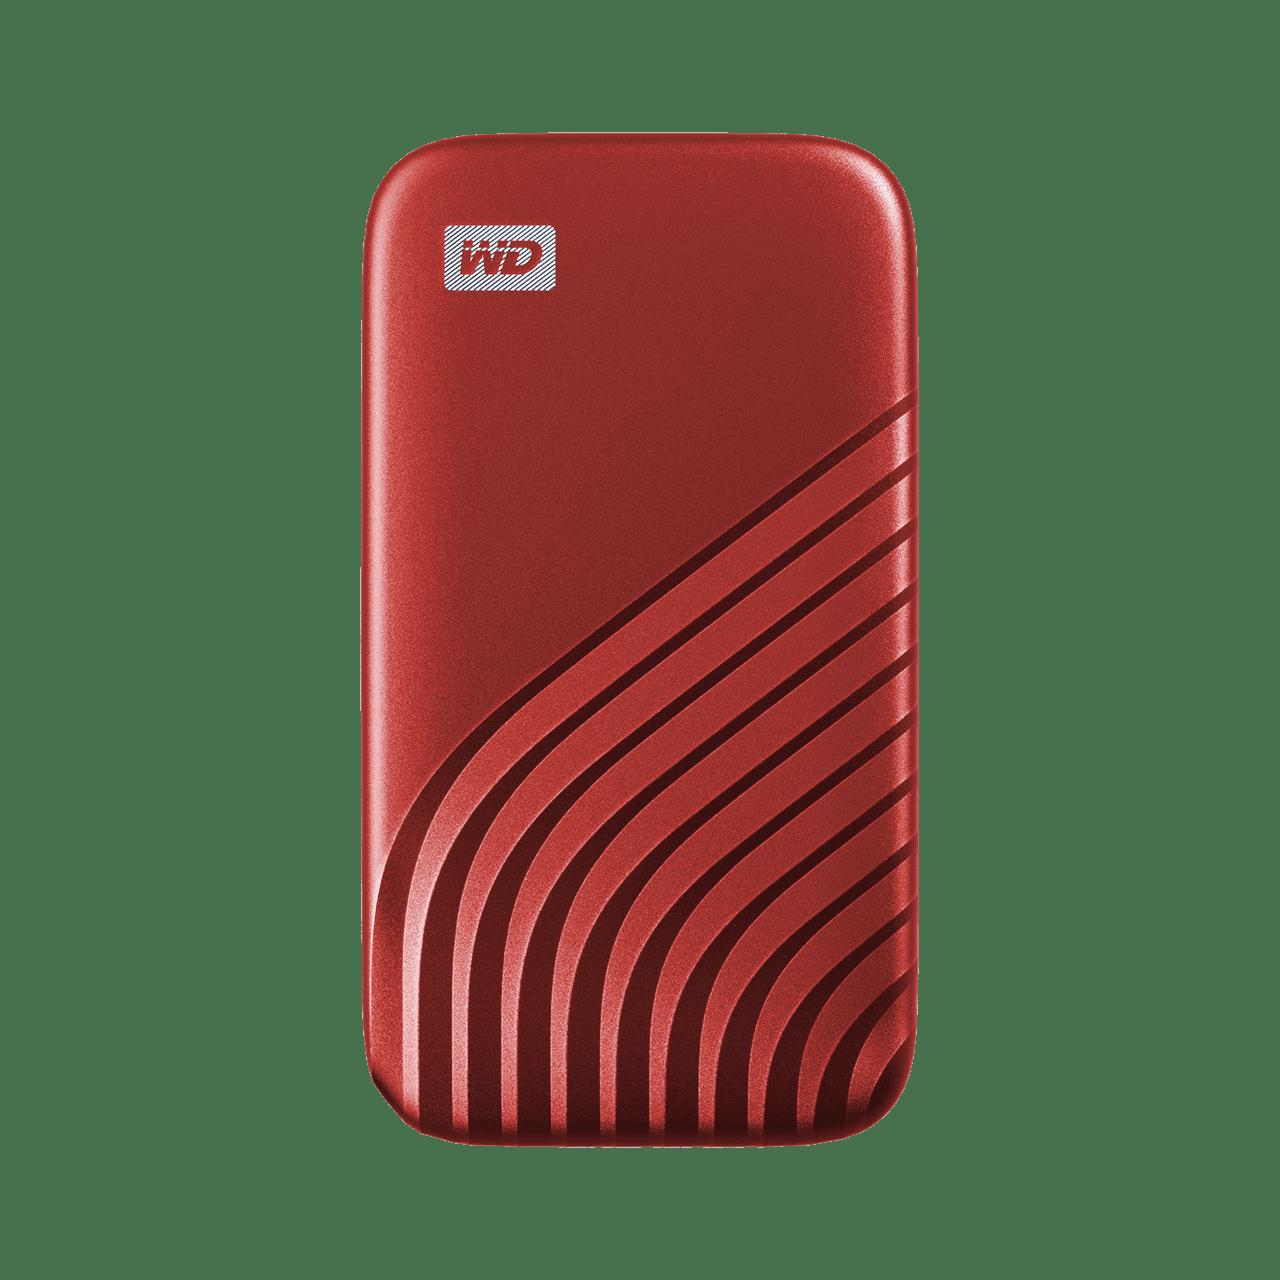 Ext. SSD WD My Passport SSD 500GB červená - WDBAGF5000ARD-WESN